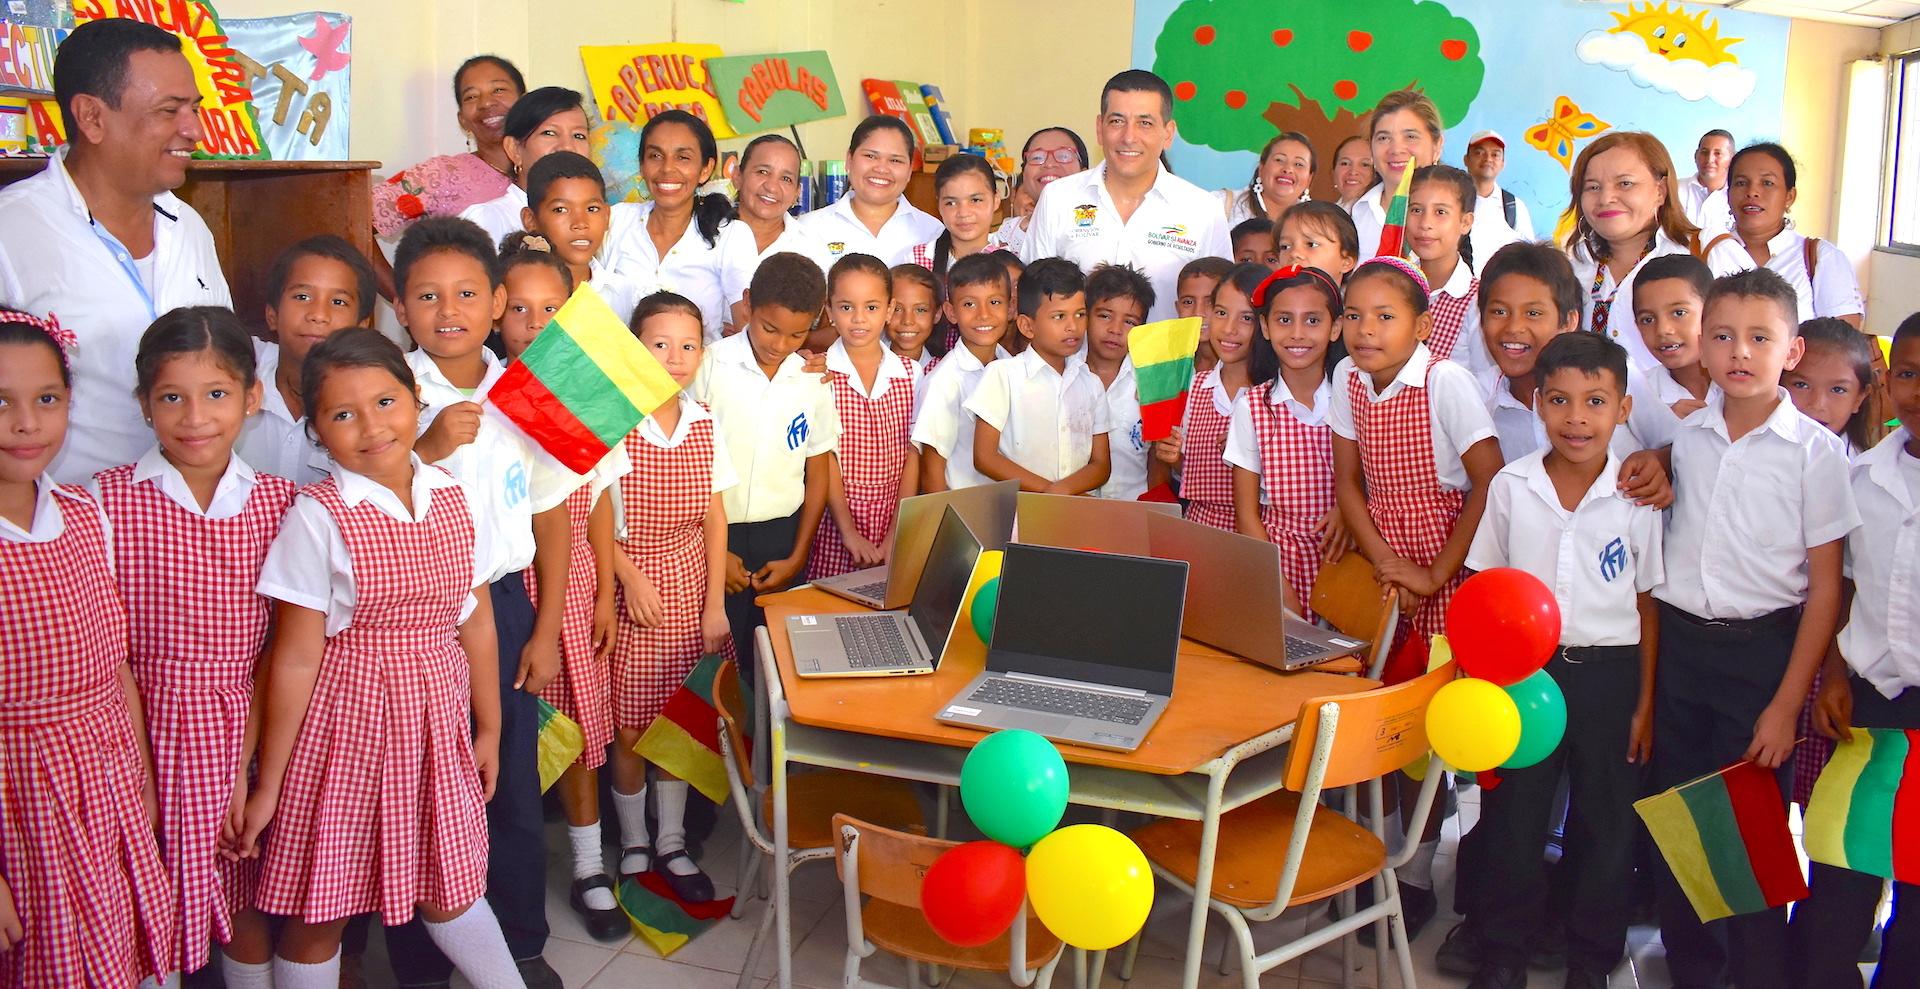 Secretaría de Educación de Bolívar dispone de 1.200 computadores para docentes beneficiados con la estrategia INNOVATIC